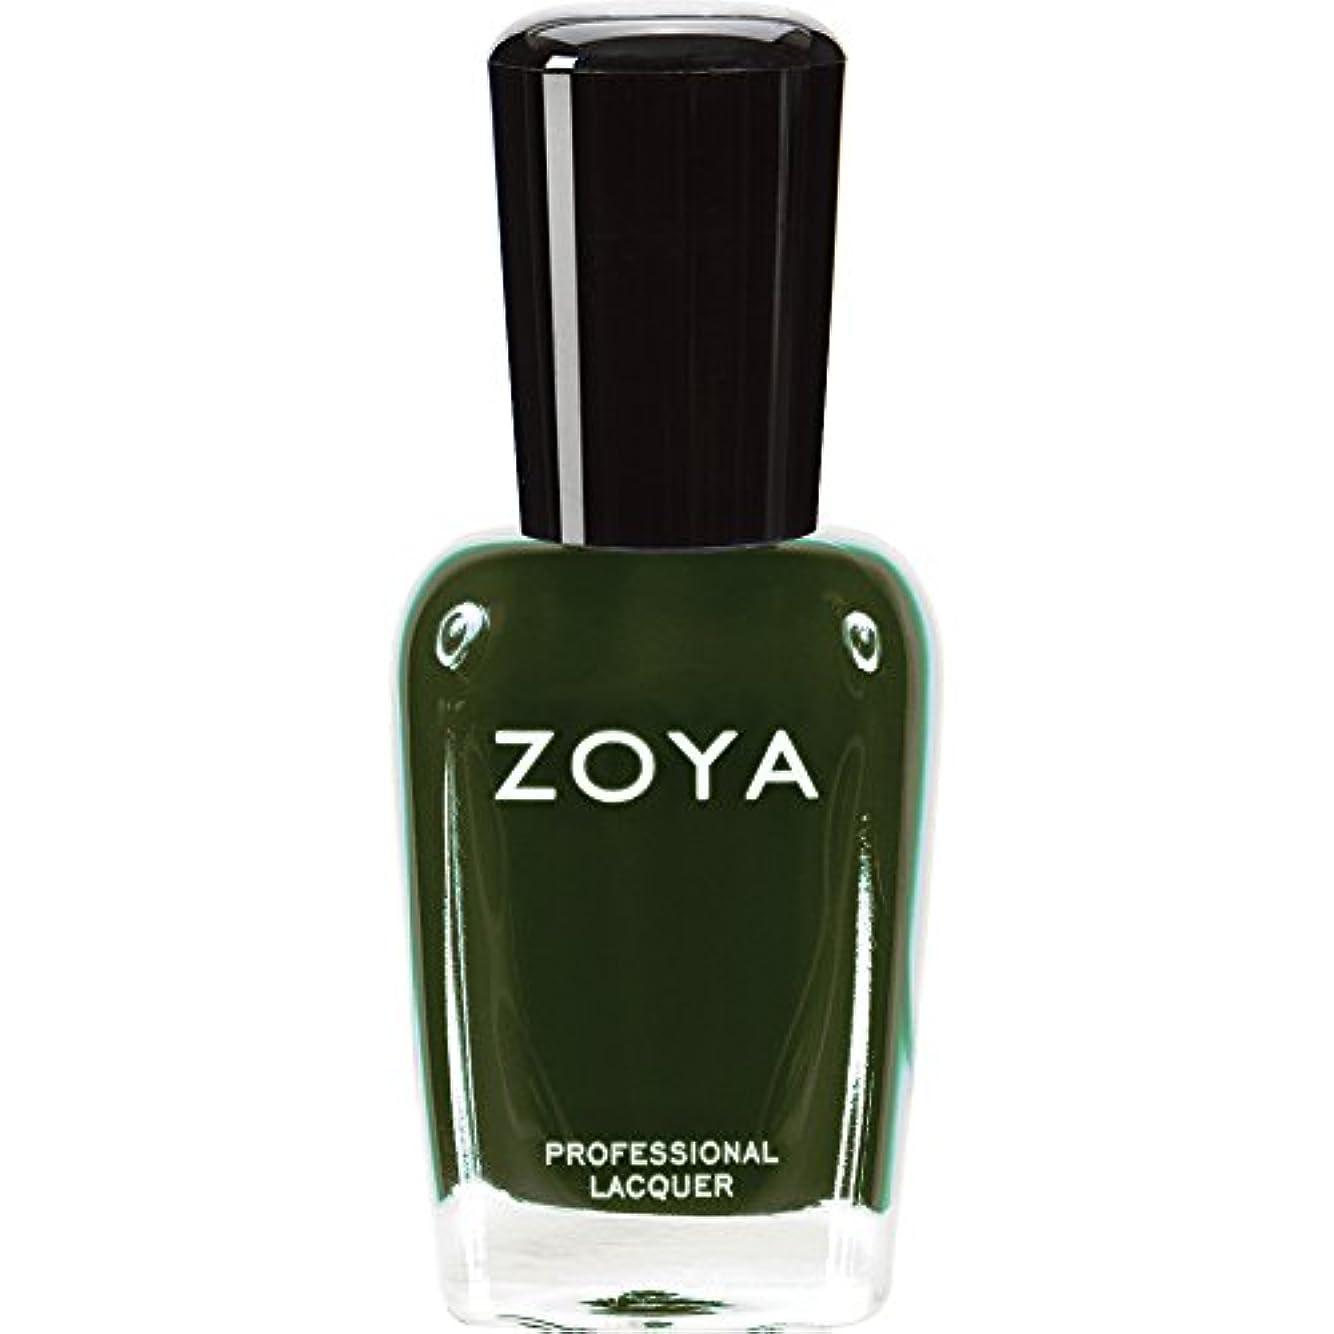 地域のハブブテーマZOYA ゾーヤ ネイルカラーZP490(ENVY) エンヴィー 15ml 深いダークグリーン マット/クリーム 爪にやさしいネイルポリッシュマニキュア